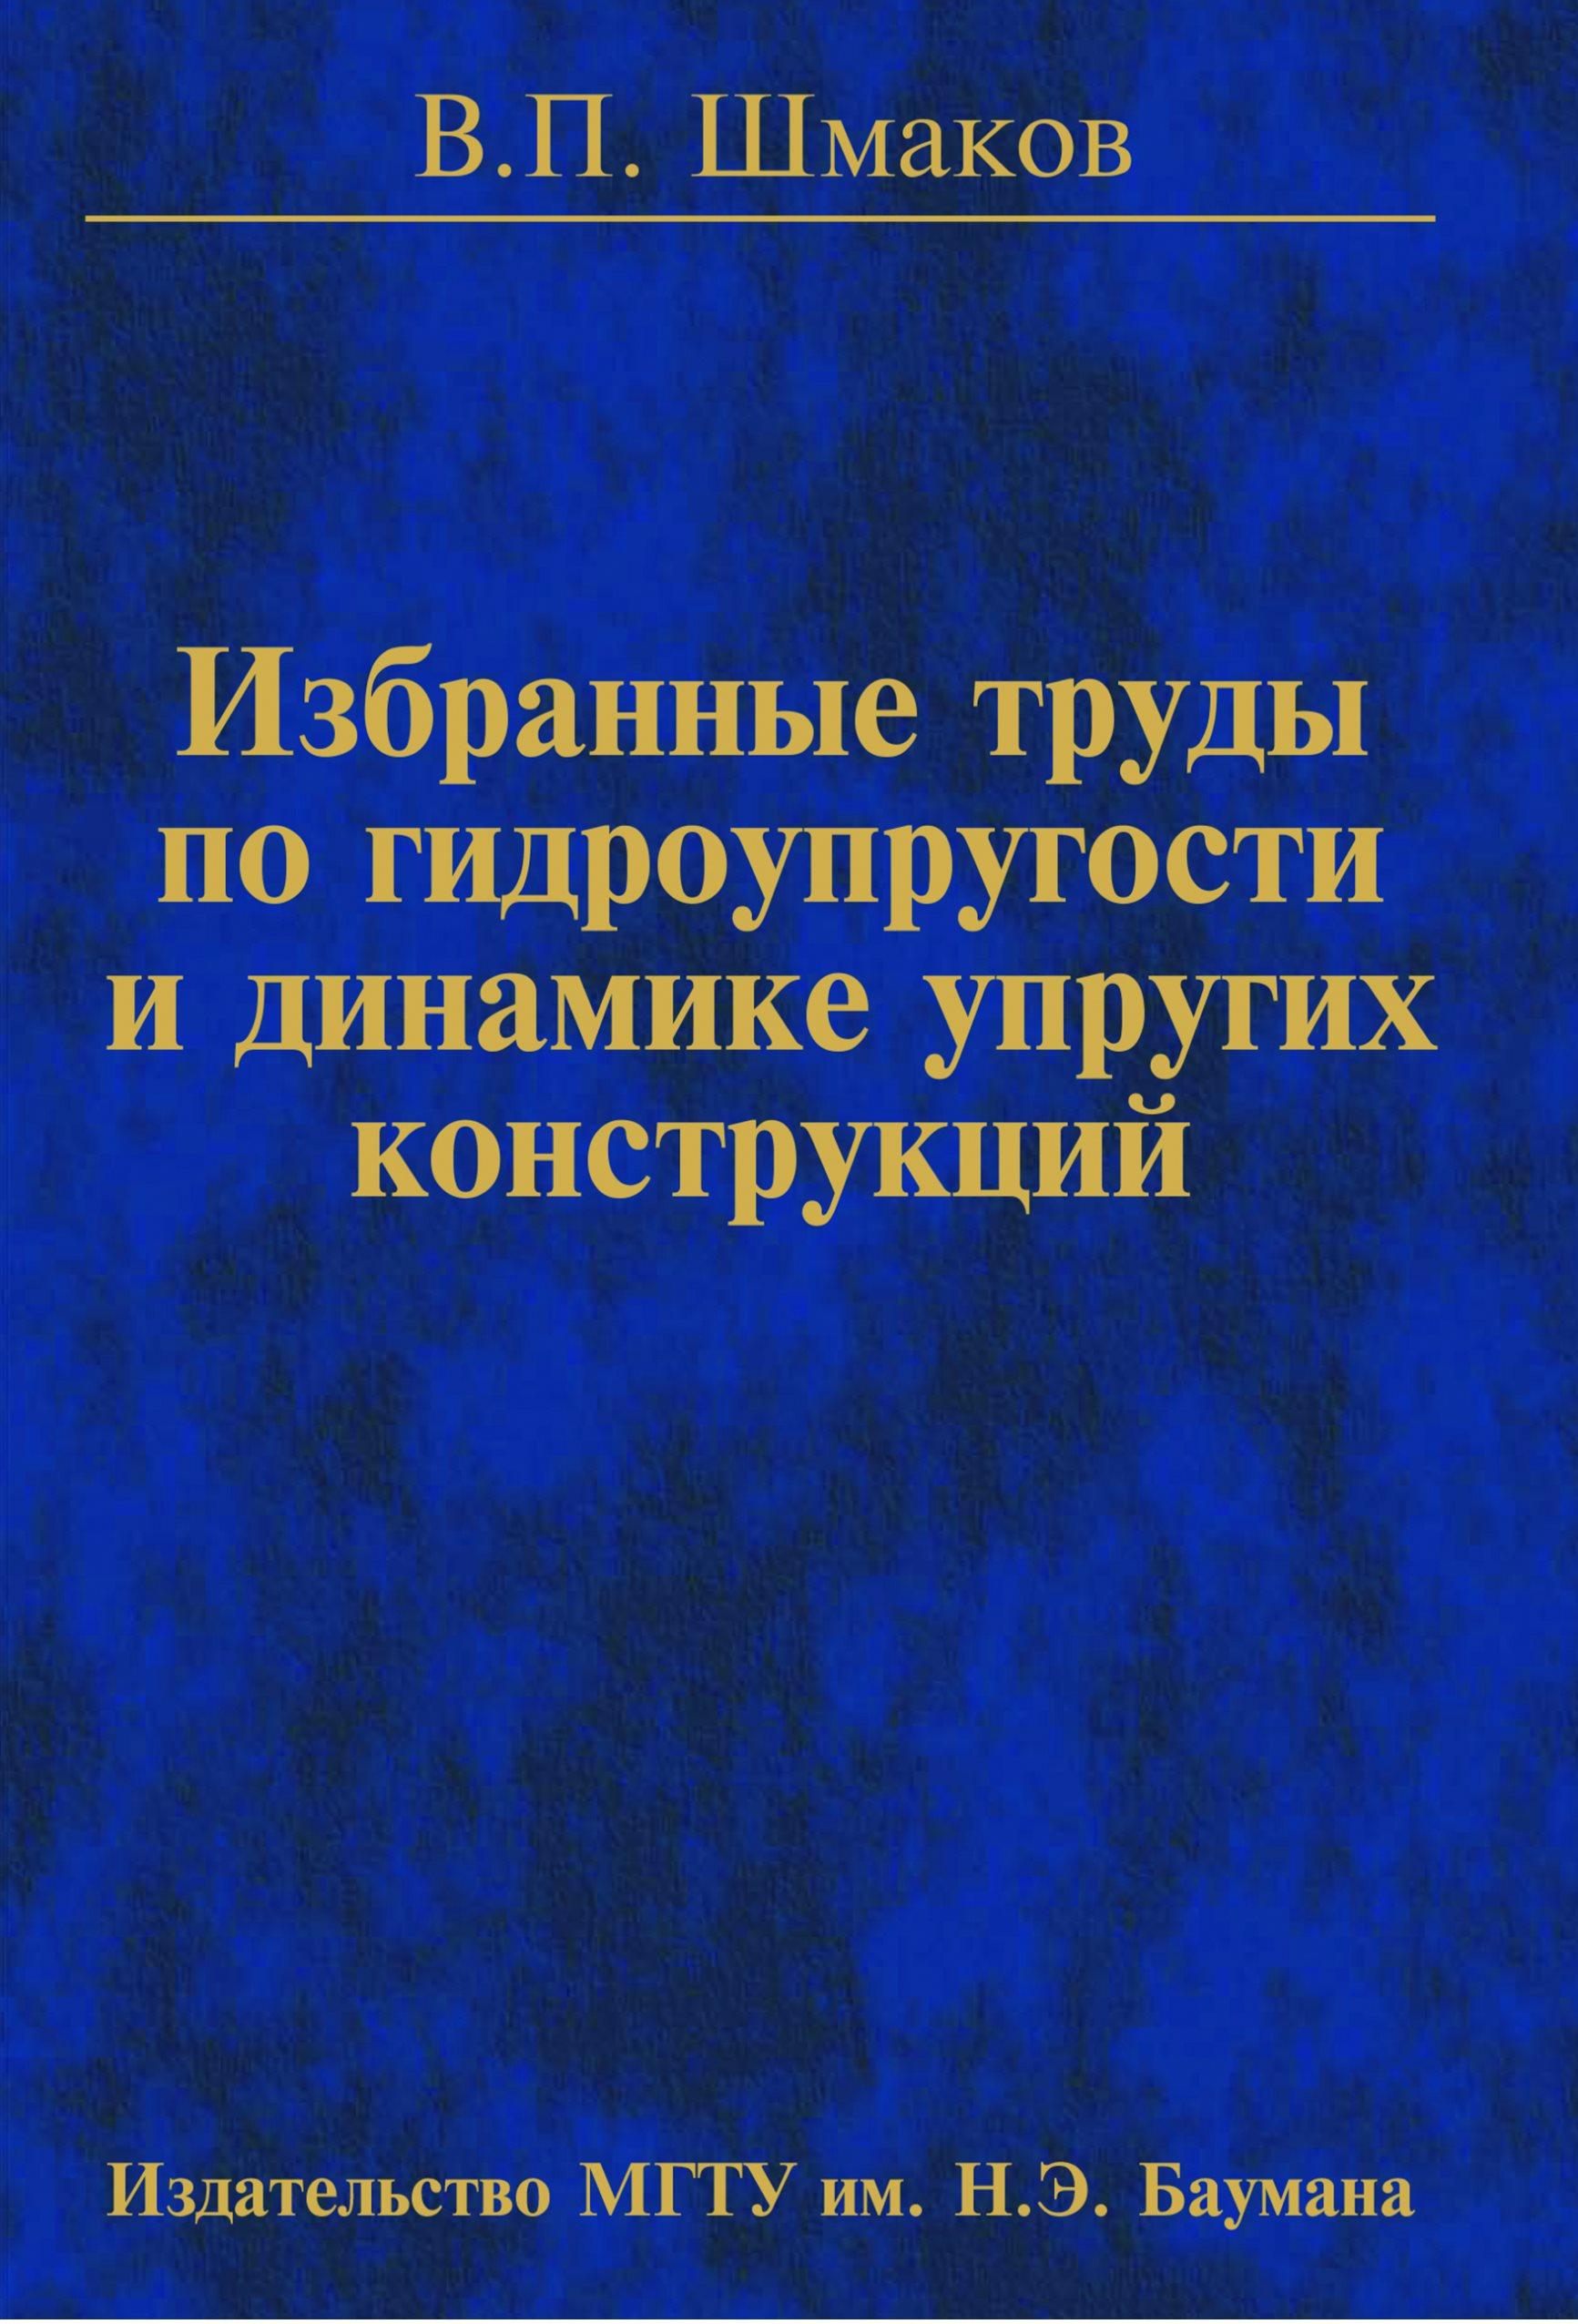 Вячеслав Шмаков Избранные труды по гидроупругости и динамике упругих конструкций